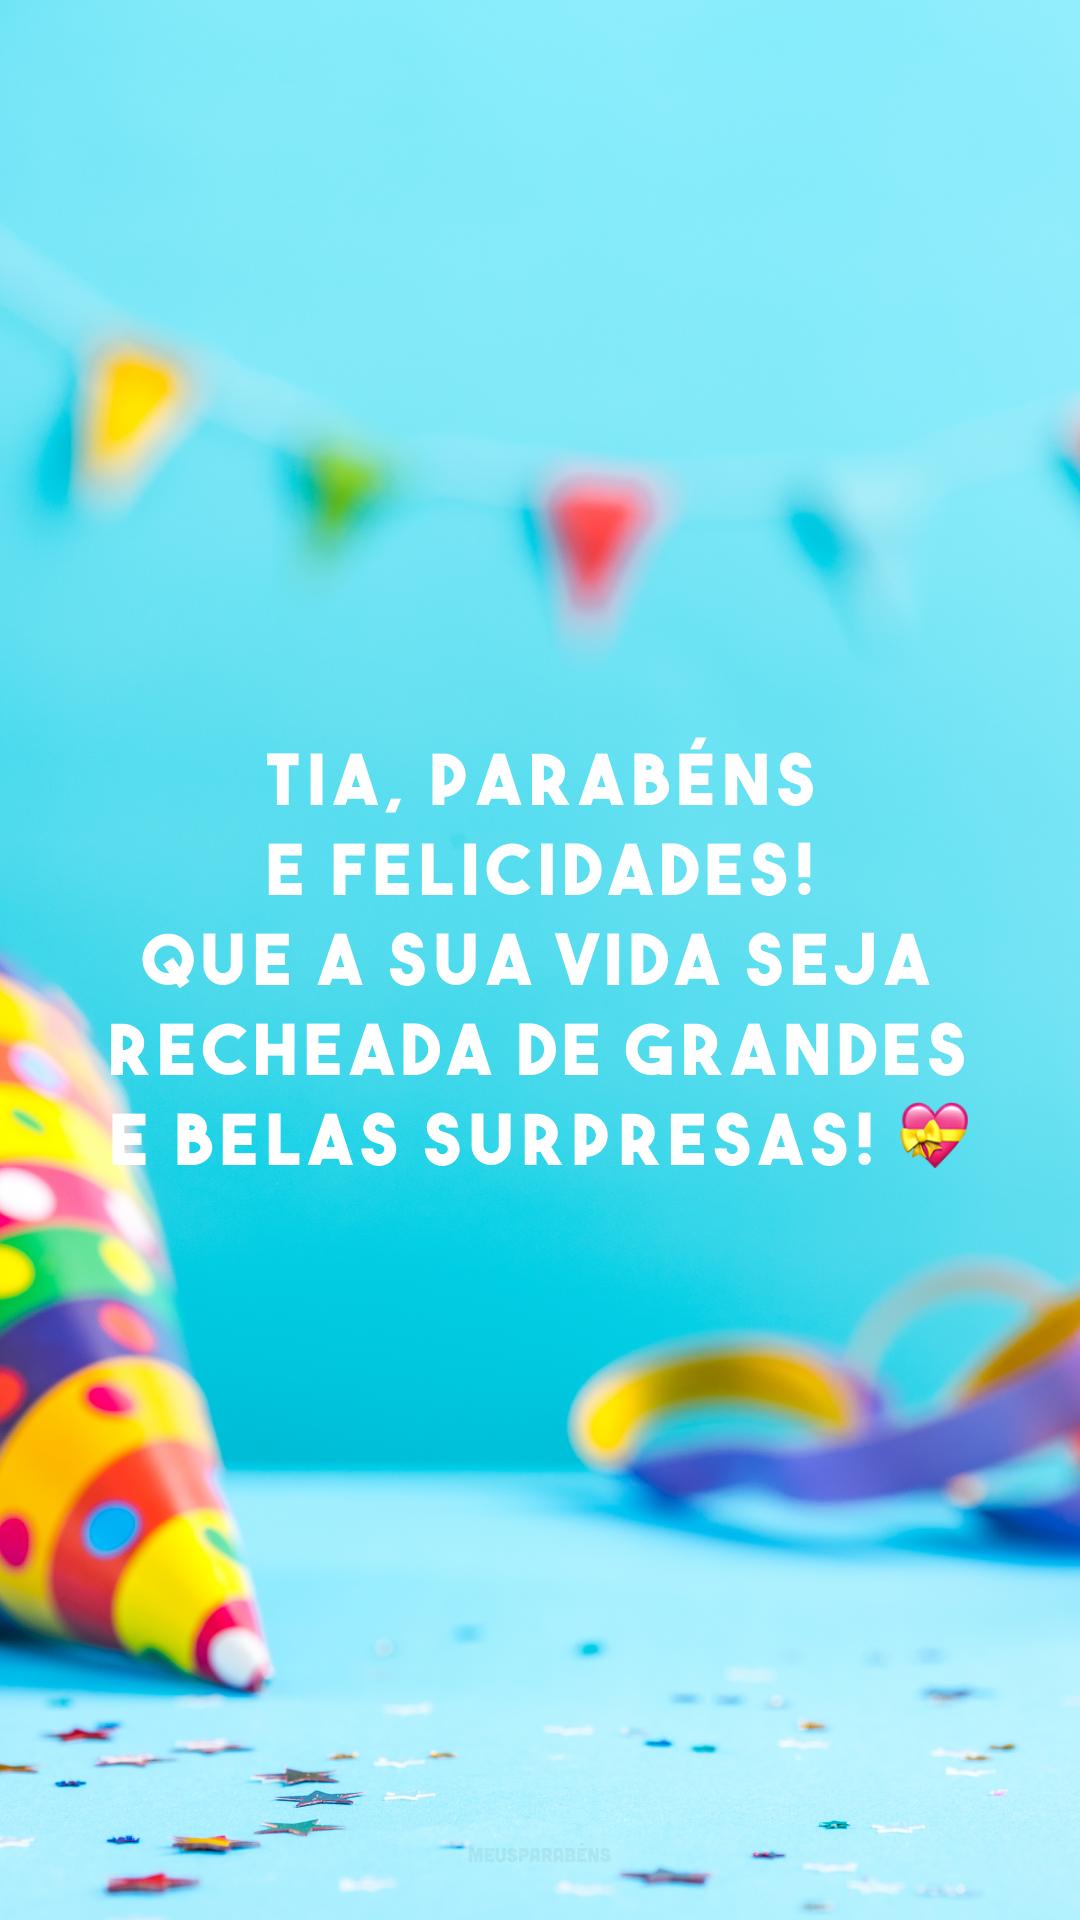 Tia, parabéns e felicidades! Que a sua vida seja recheada de grandes e belas surpresas! ?